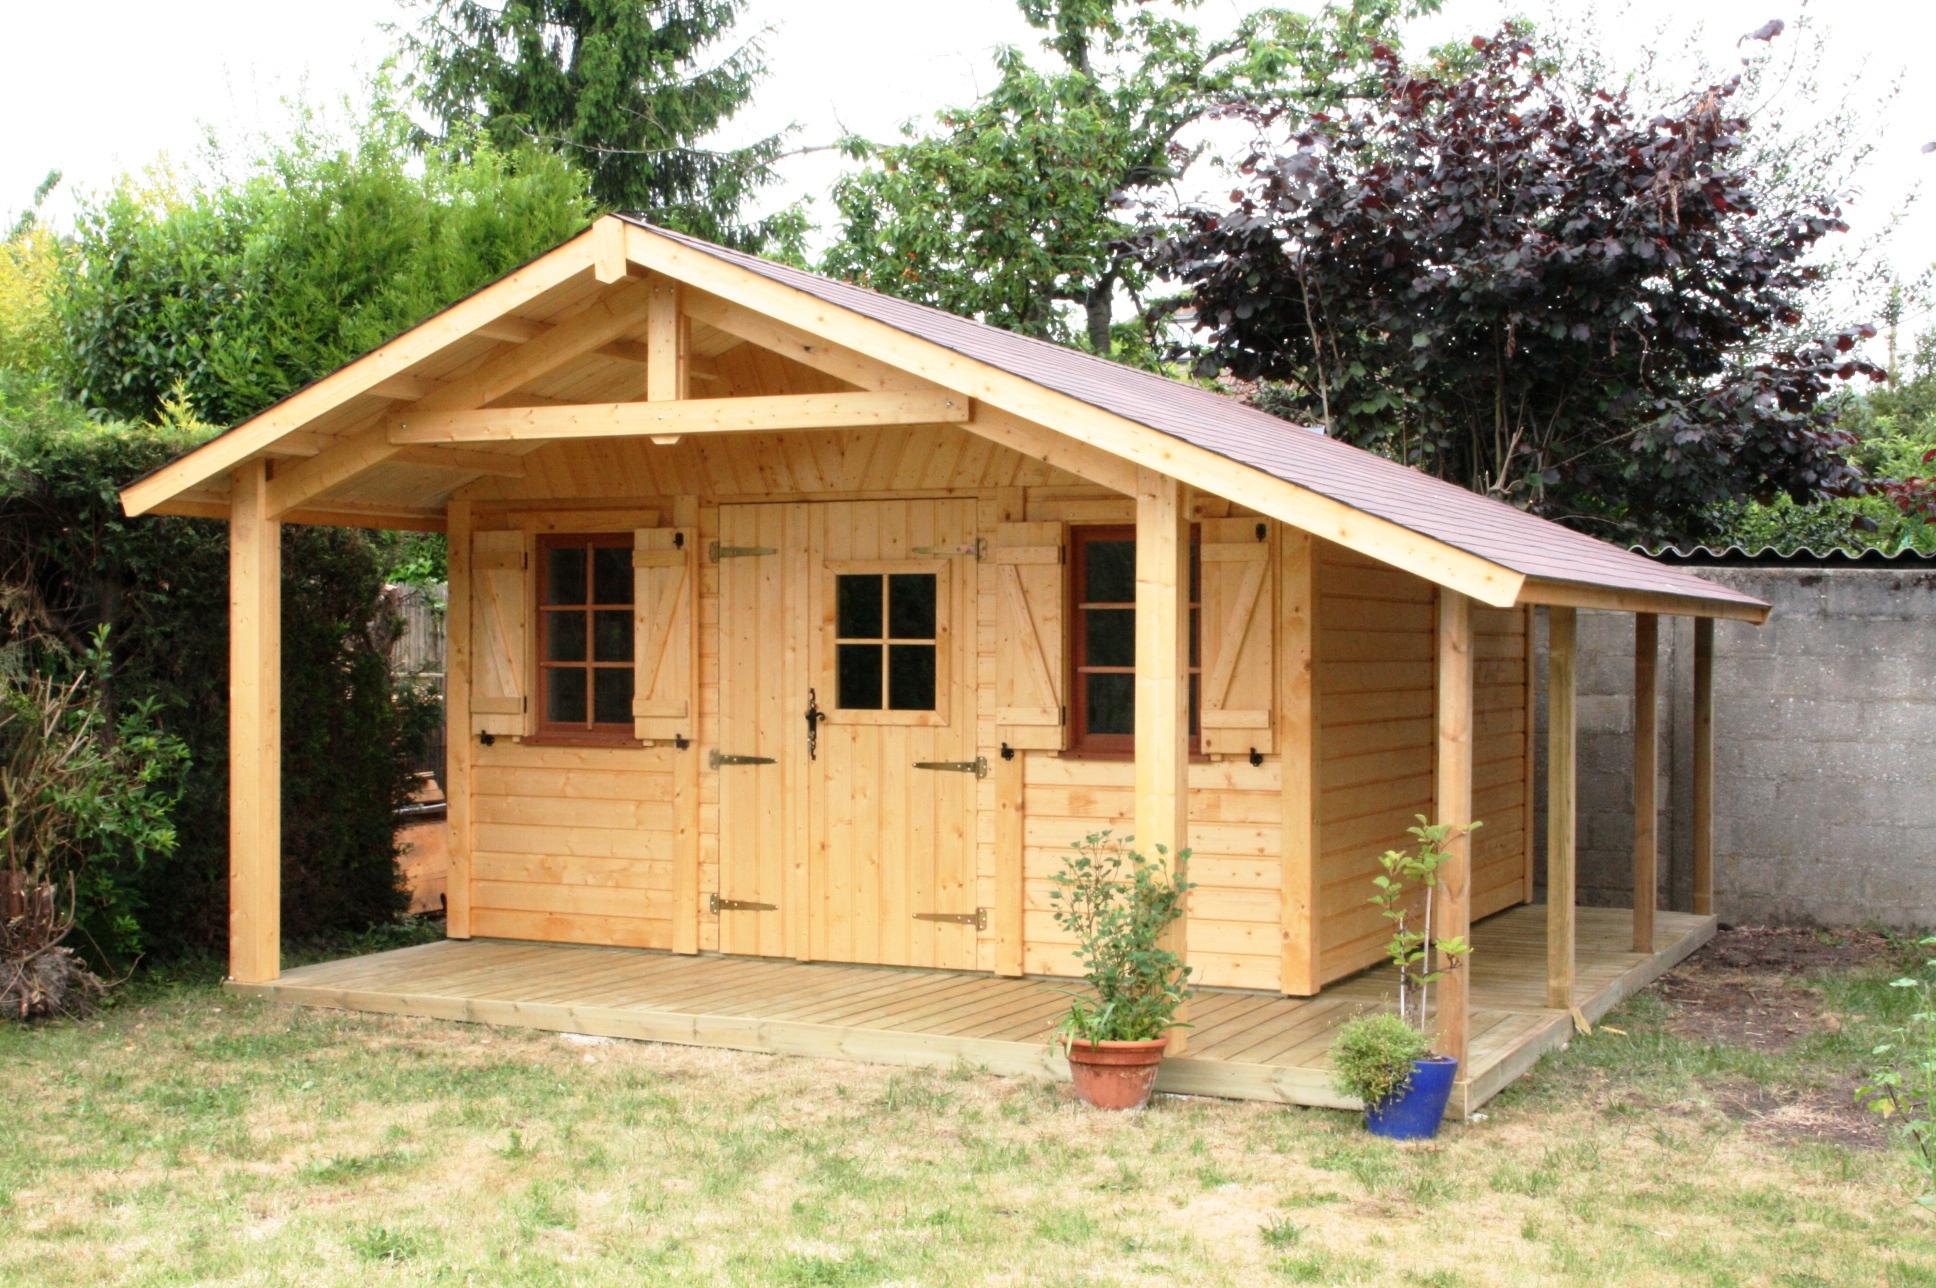 Chalet En Bois Pas Cher Destockage – Gamboahinestrosa dedans Abri De Jardin 20M2